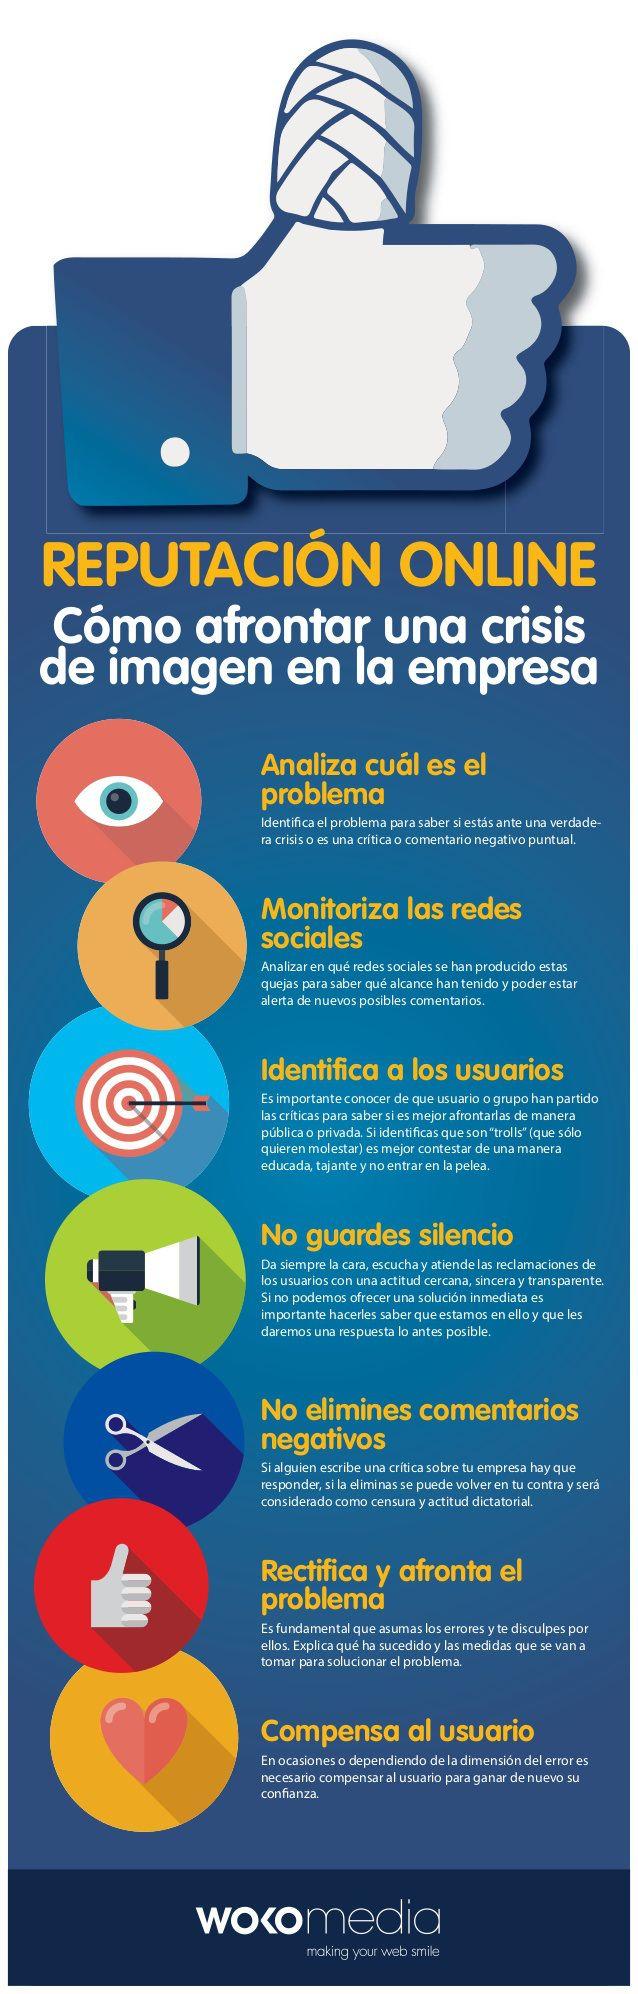 Reputación online: cómo afrontar una crisis de imagen. #RedesSociales #MarketingTips www.rubendelaosa.com